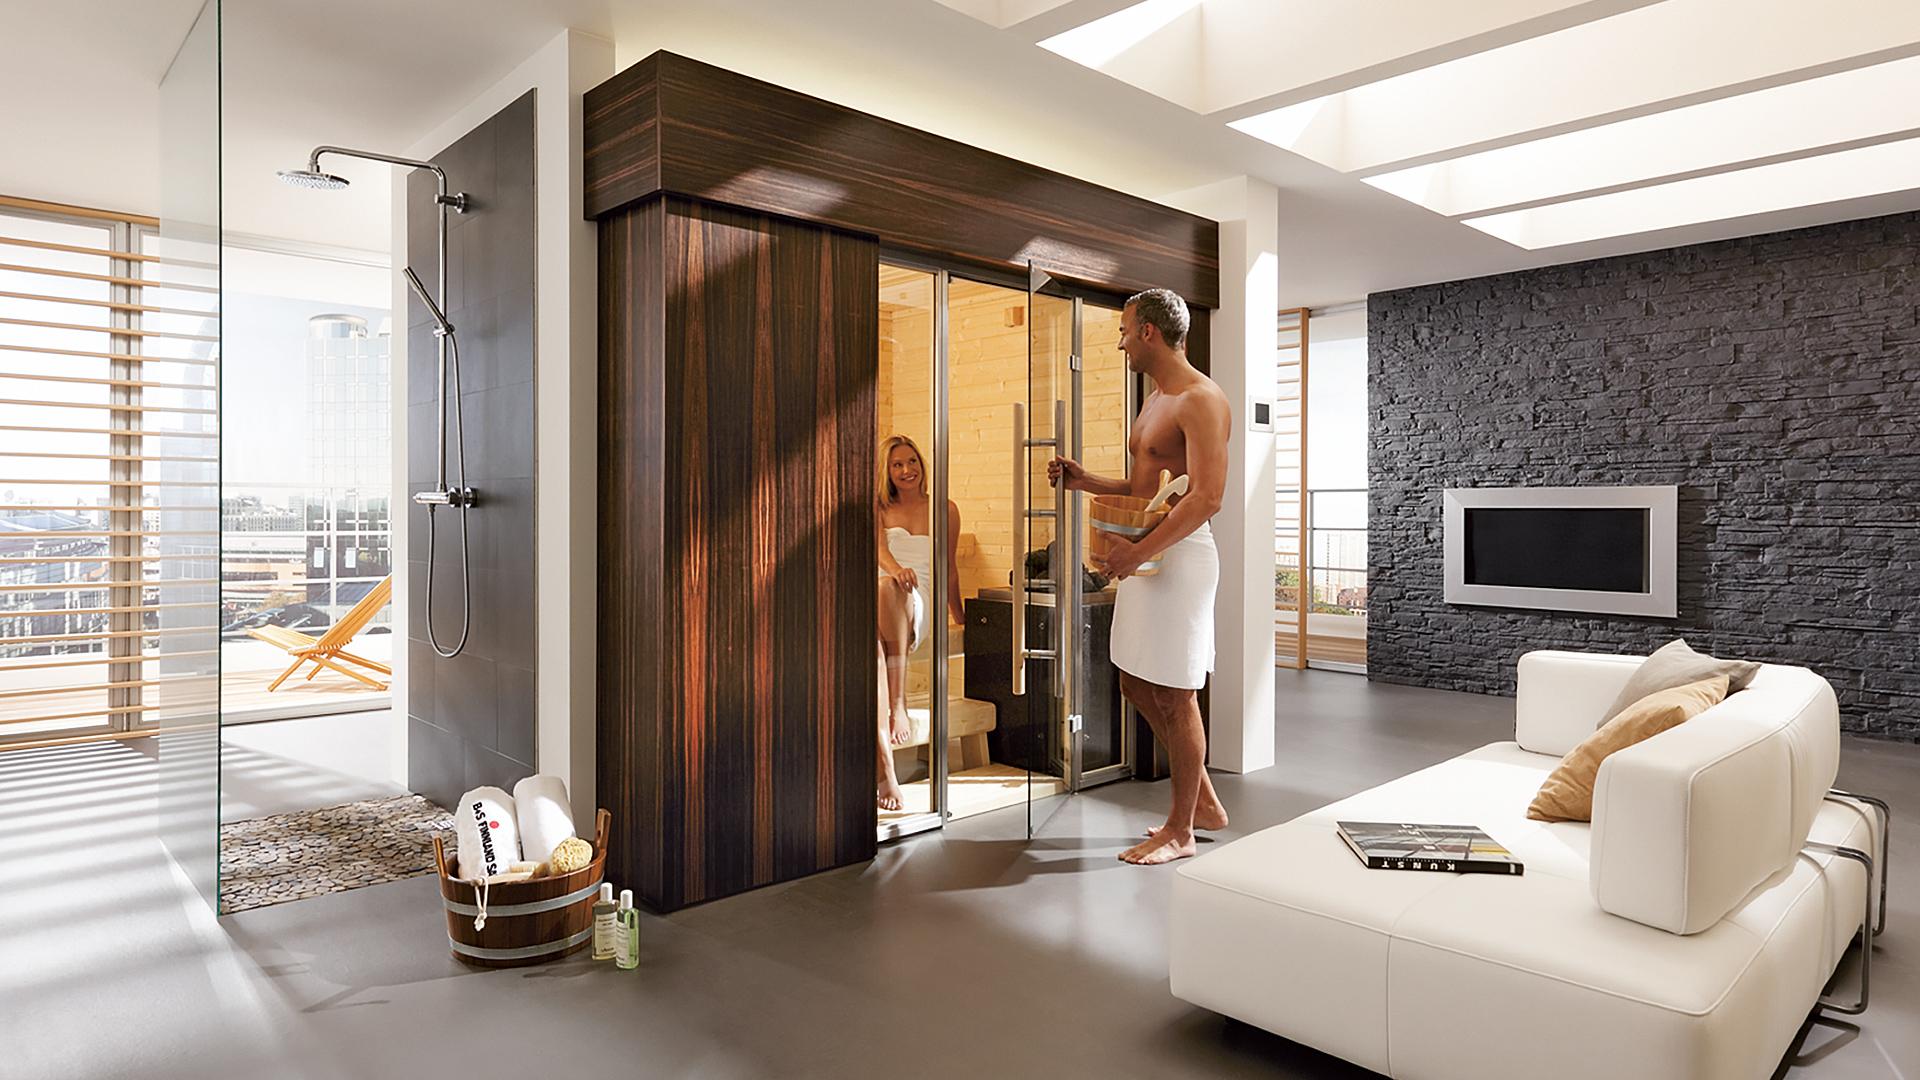 B+S Finnland Sauna Saunahersteller Design Sauna Luxus Sauna Premium Sauna